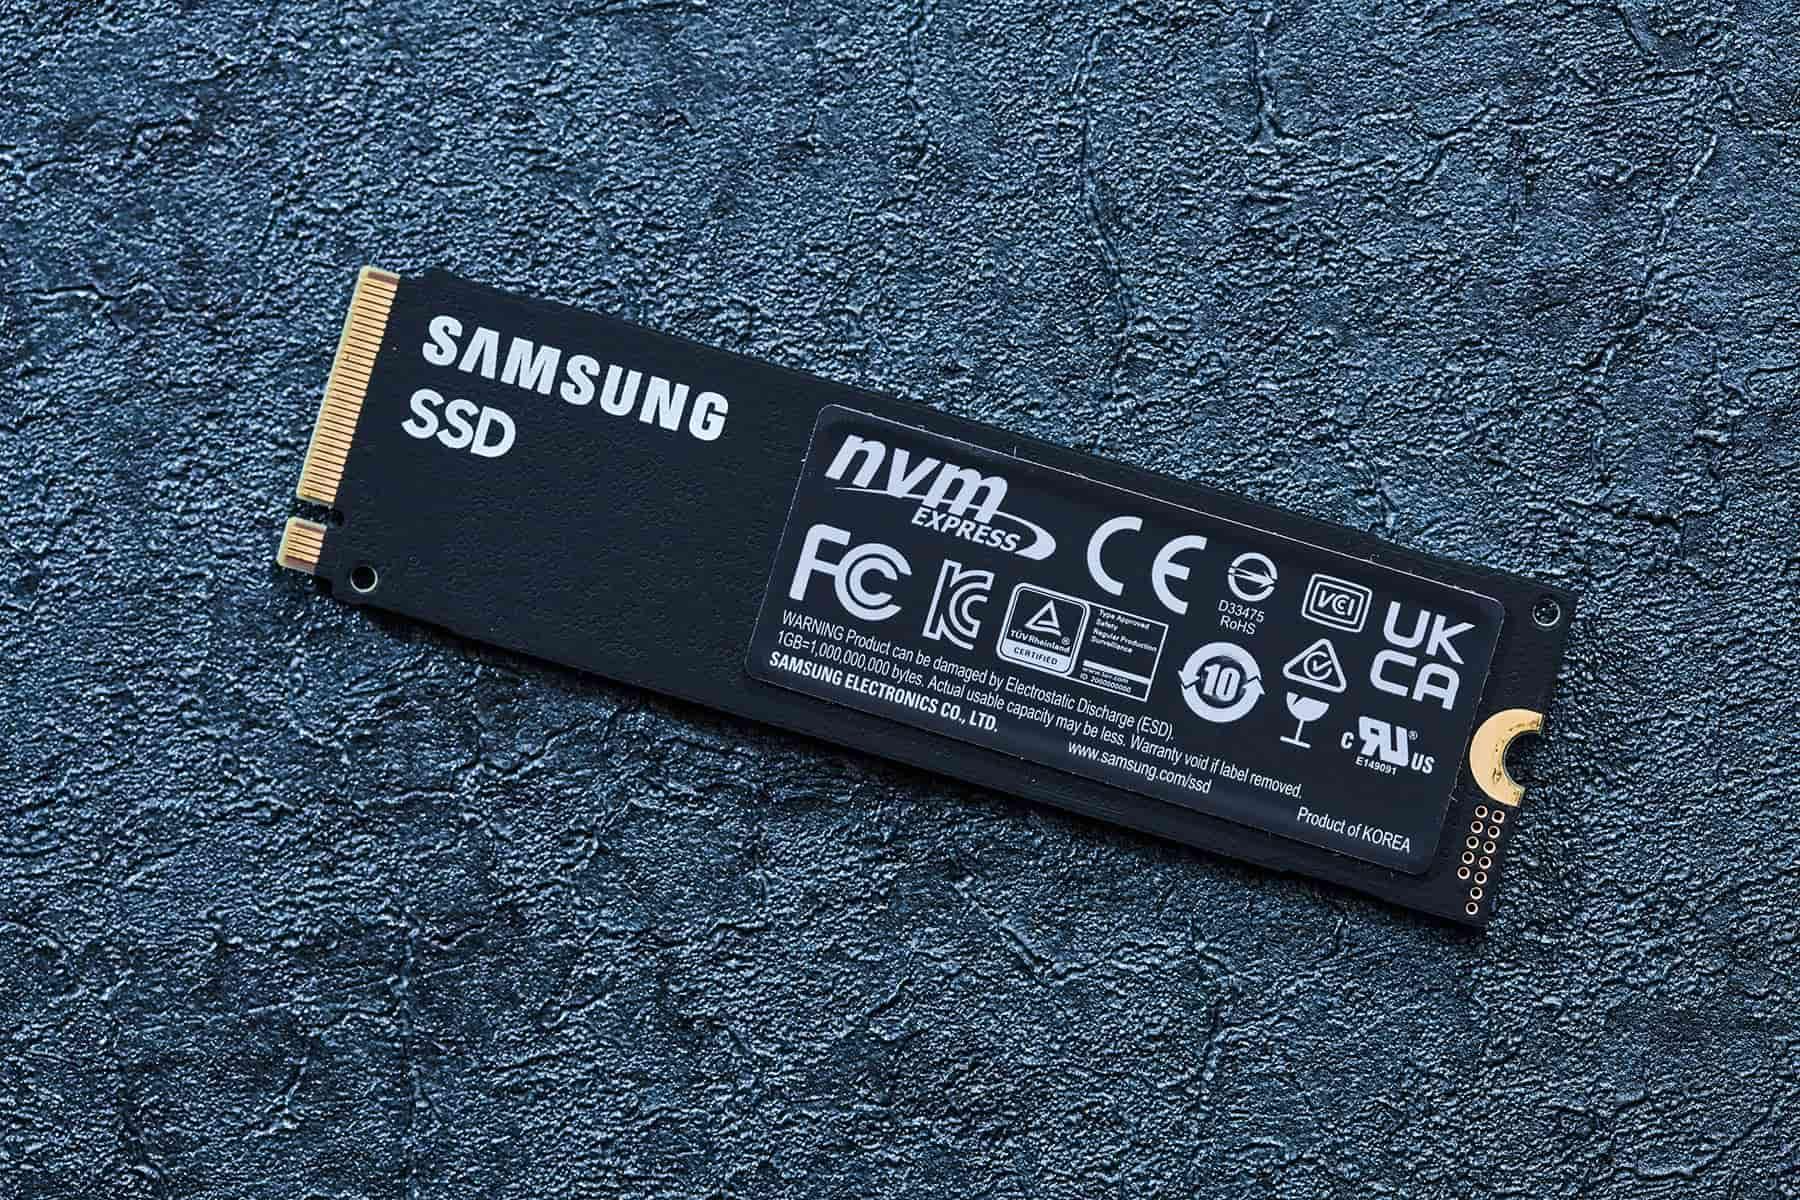 產品背面標示斗大清晰的 Samsung SSD 字樣並配上一張帶銅散熱片的安規標示貼紙。